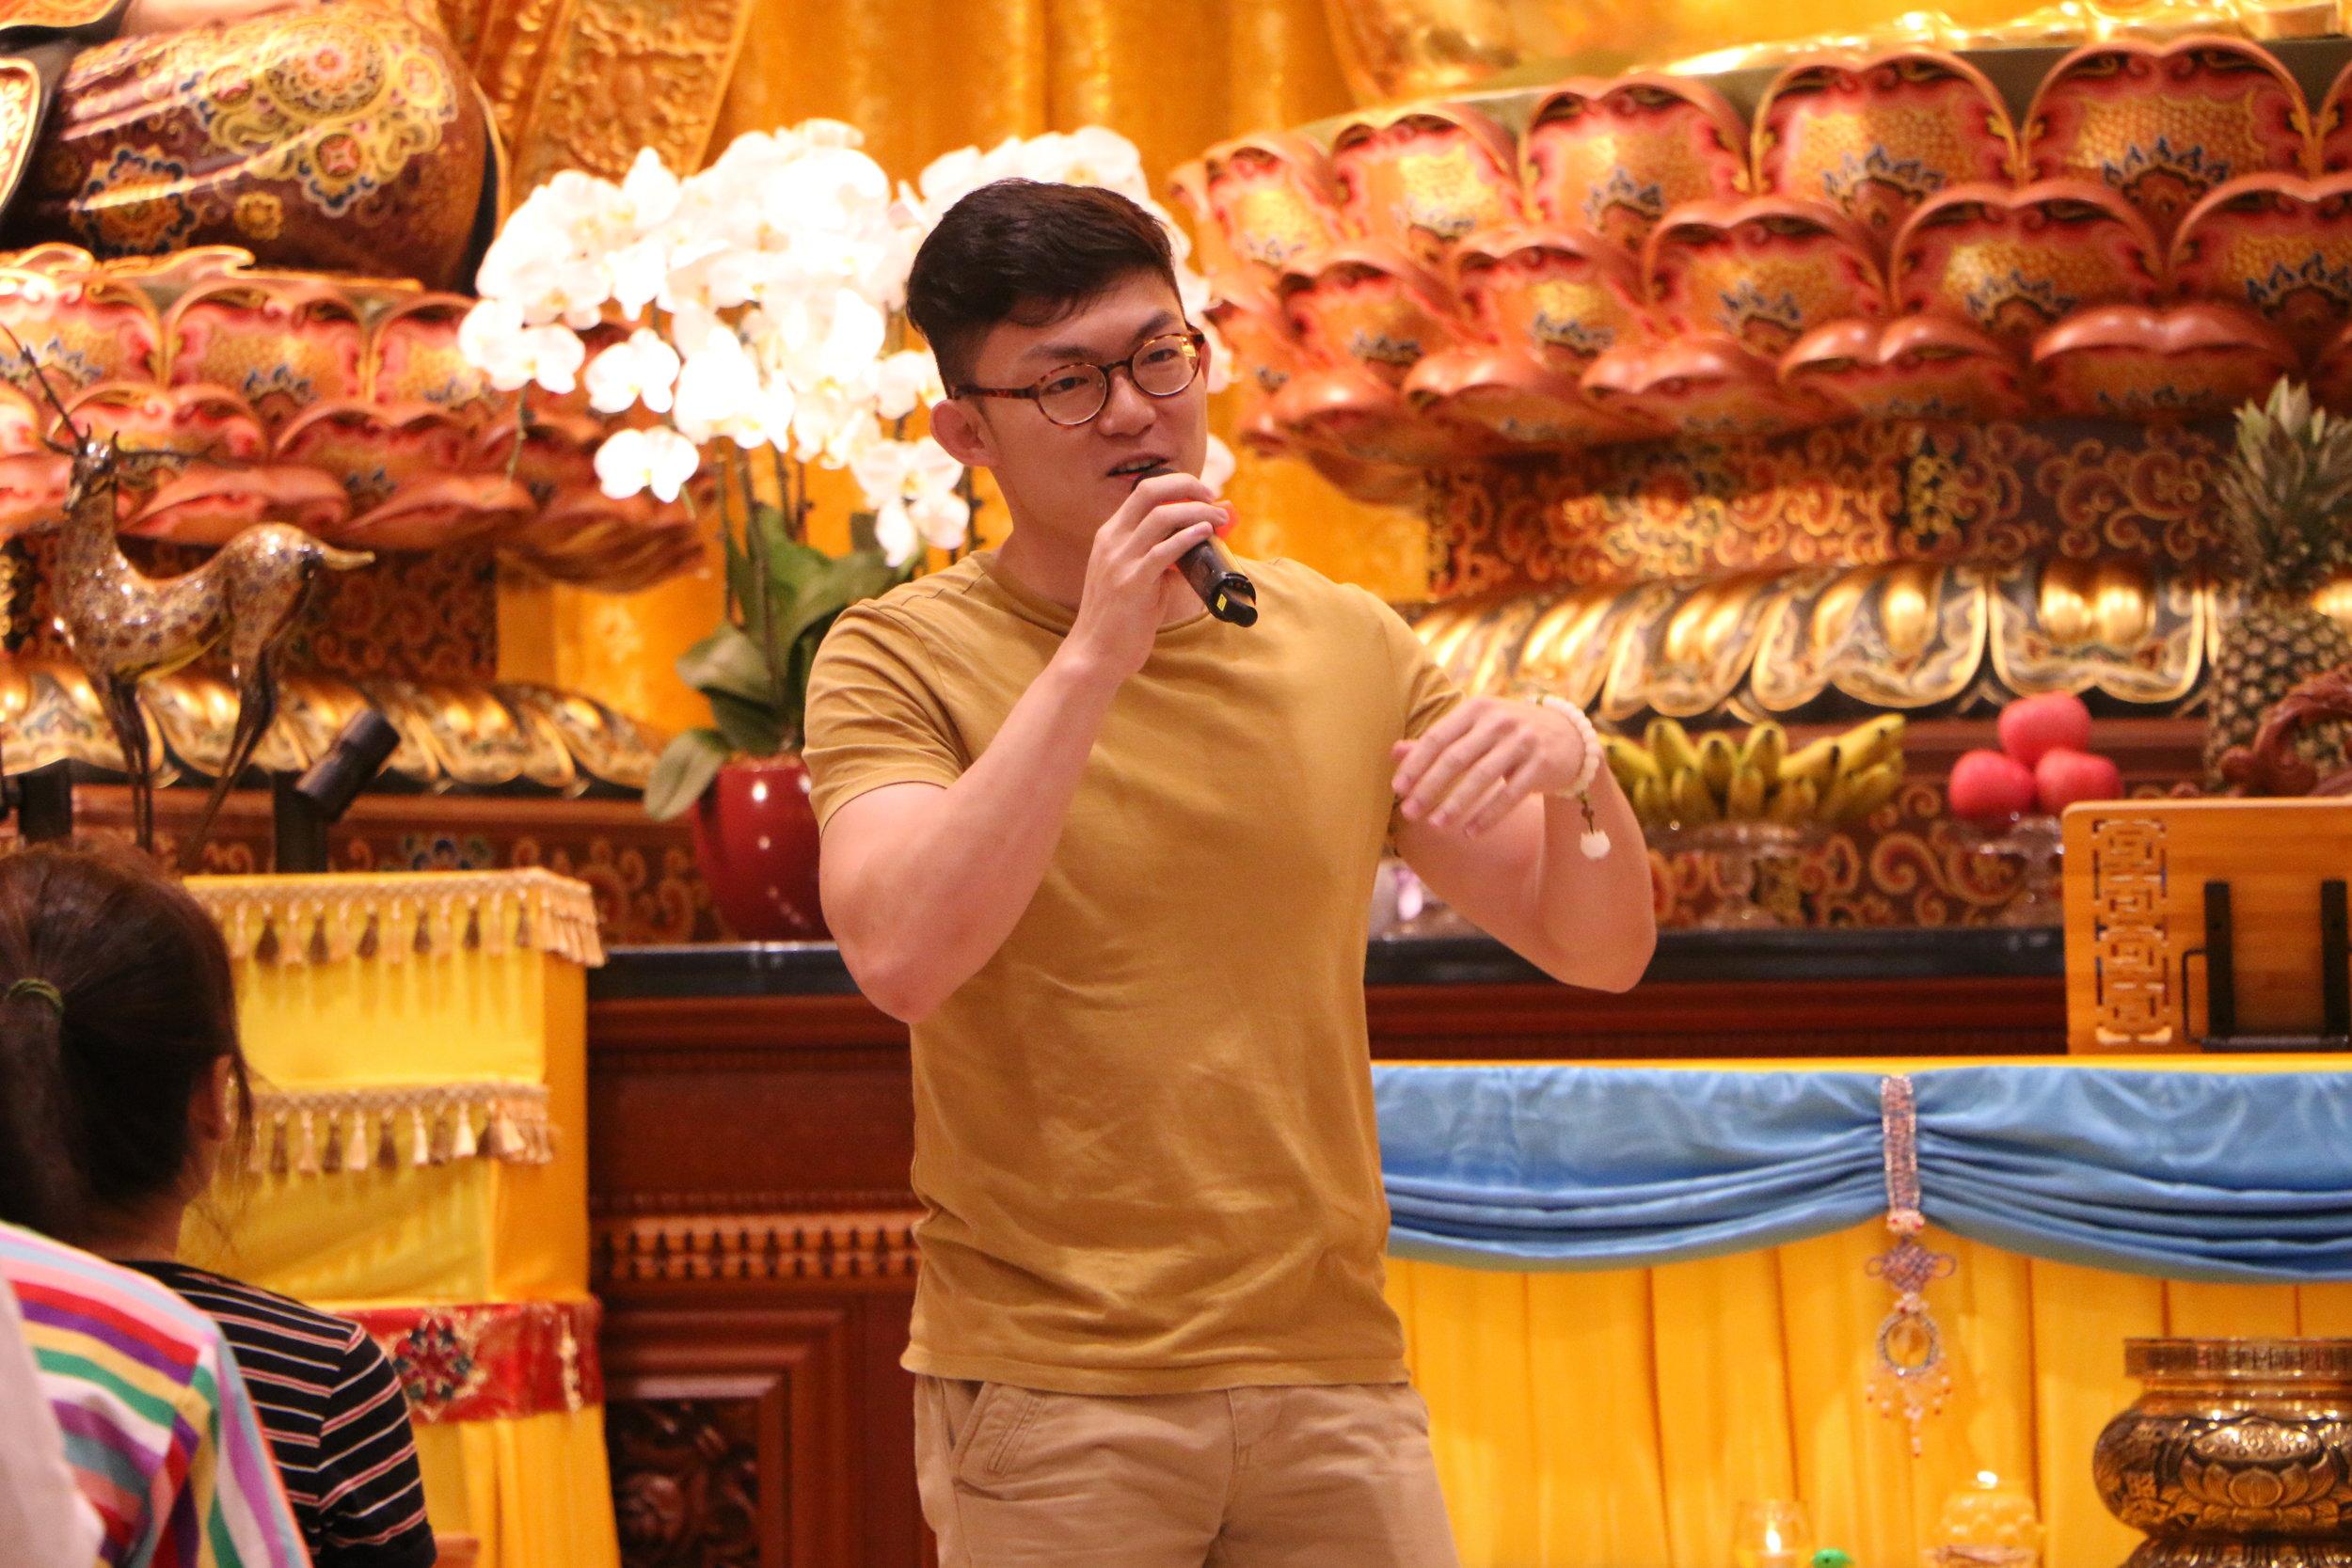 张祚铨 (Nicolas Teo Jor Quan) - 分享自从他上广论课后,他对妈妈存有的负面观念也渐渐改变了。